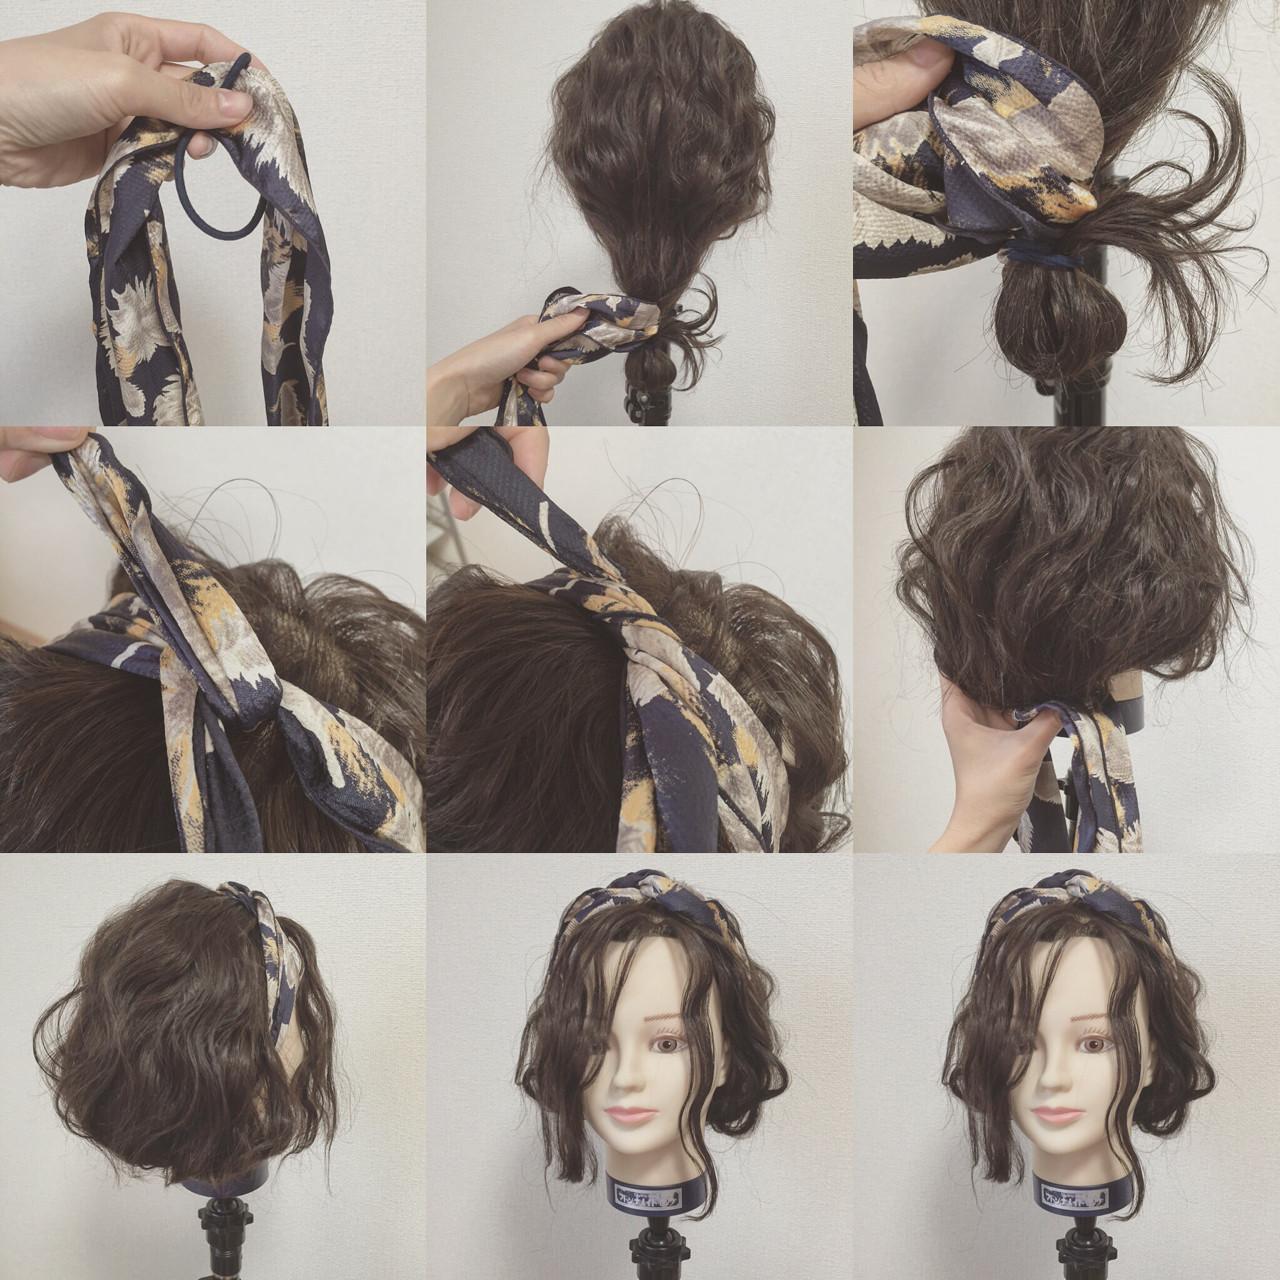 ヘアアクセ 波ウェーブ ショート ヘアアレンジ ヘアスタイルや髪型の写真・画像